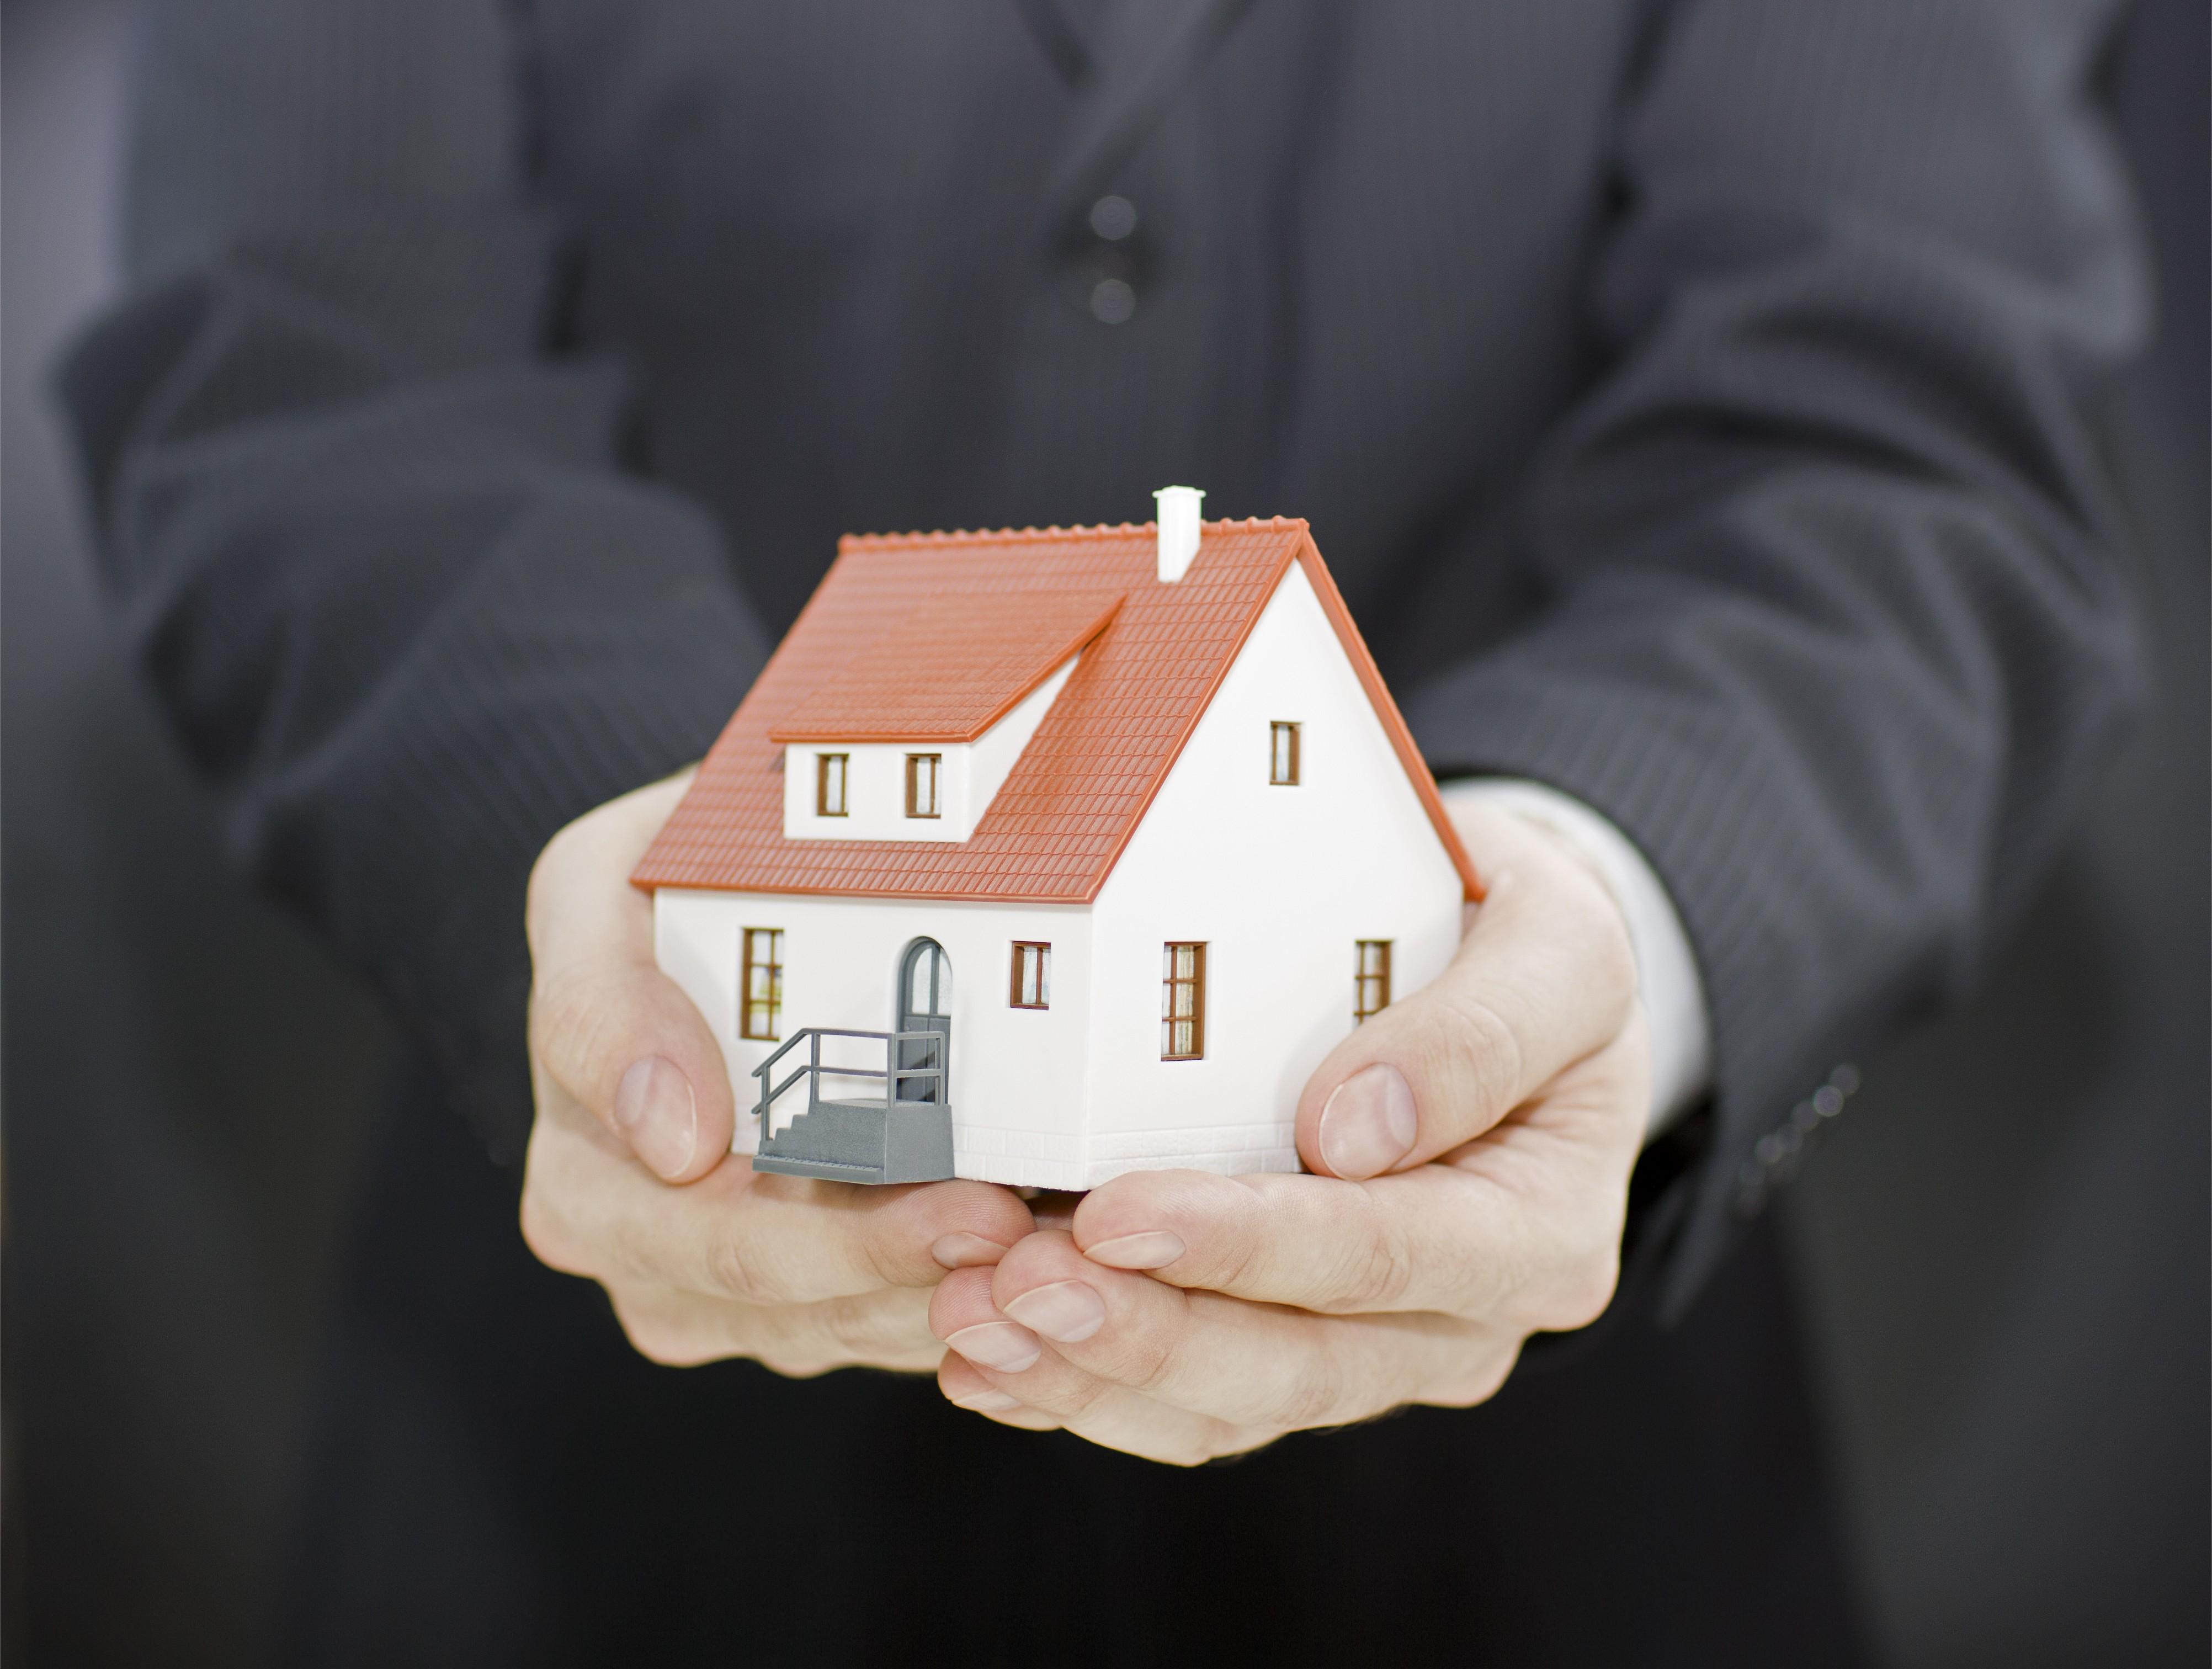 camarotto-studio-tecnico-assistenza-compravendita-immobiliare-01